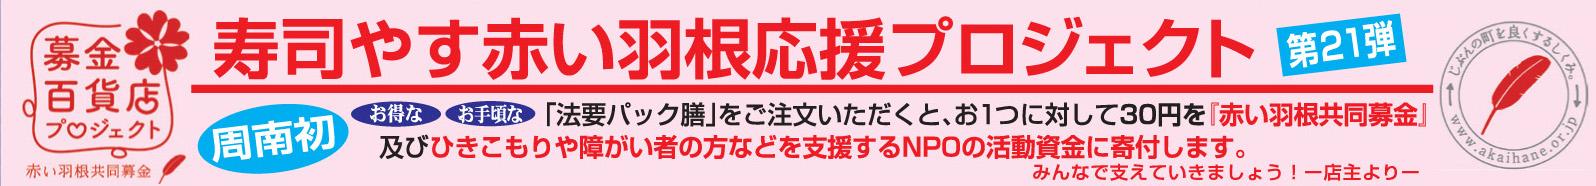 寿司やす赤い羽根応援プロジェクト(第20弾)